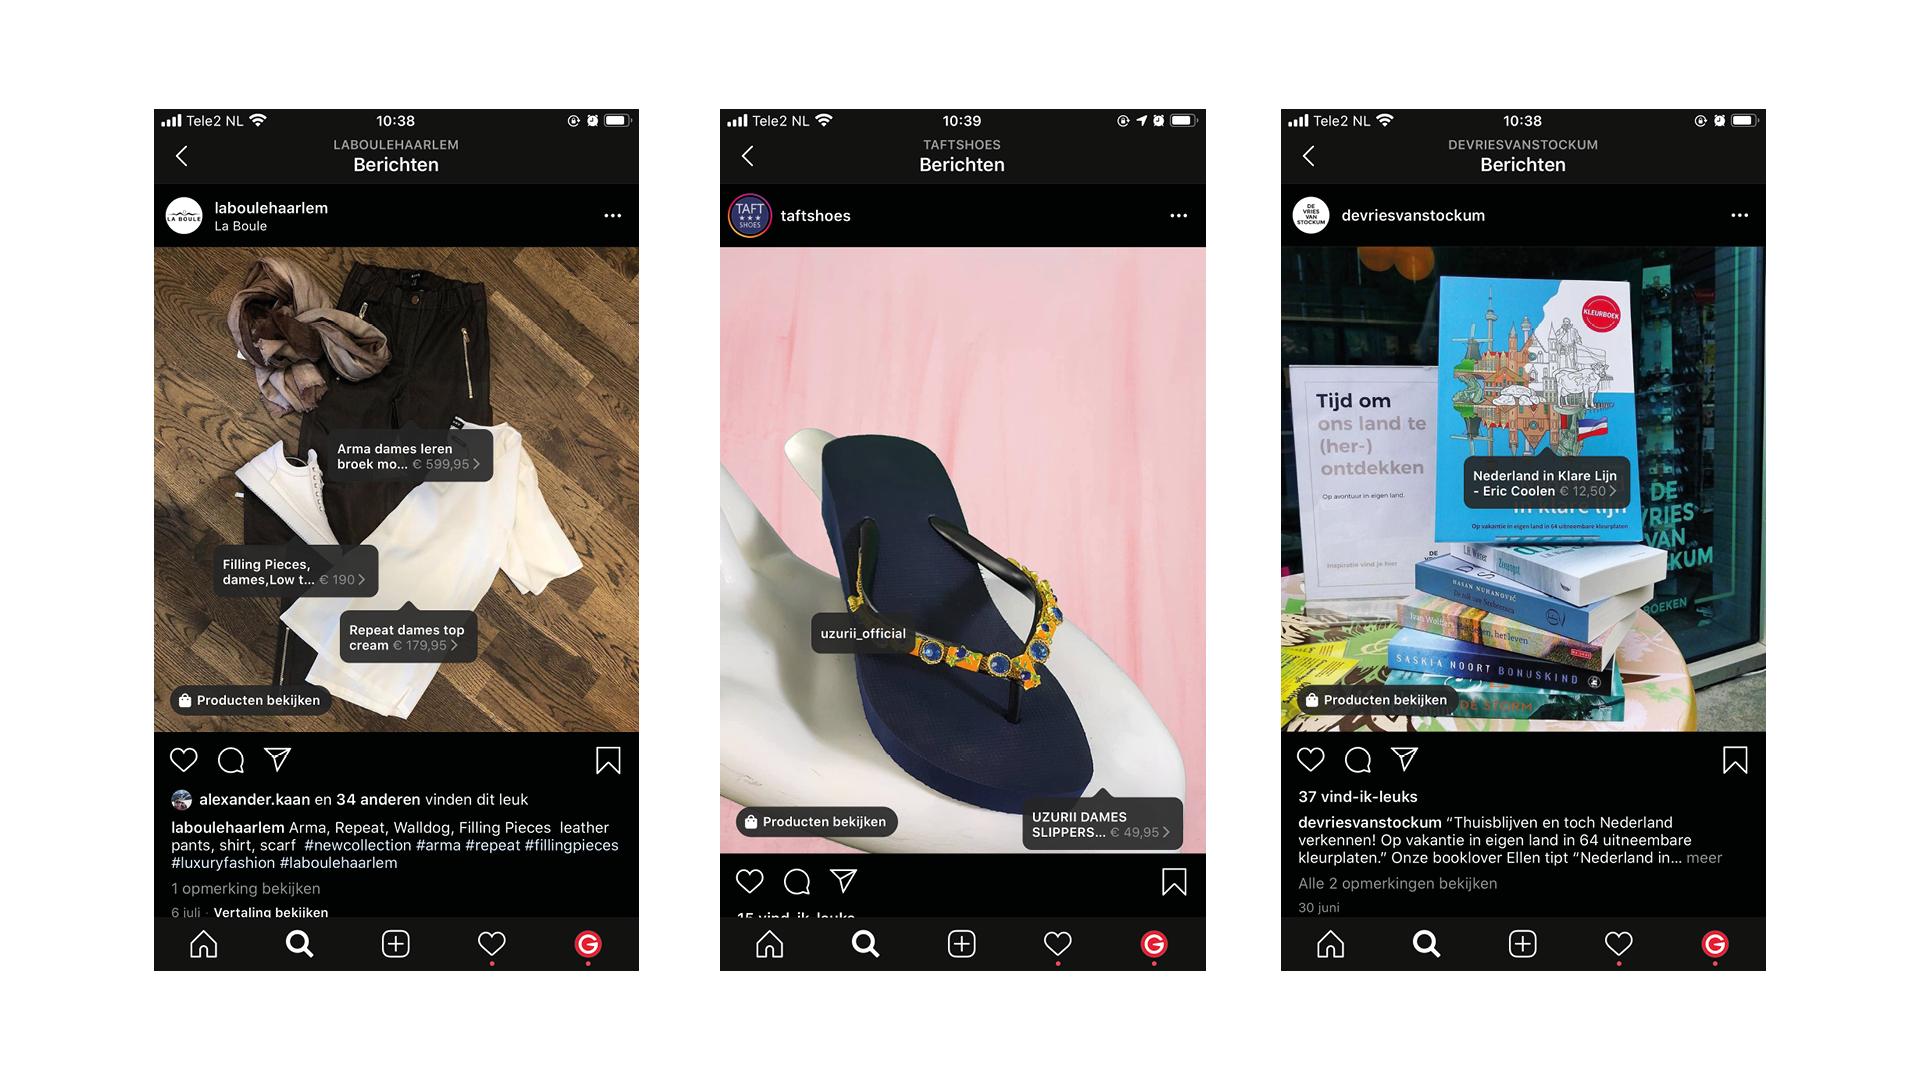 De product tagging van Instagram is alleen mogelijk voor organische posts en niet voor advertenties